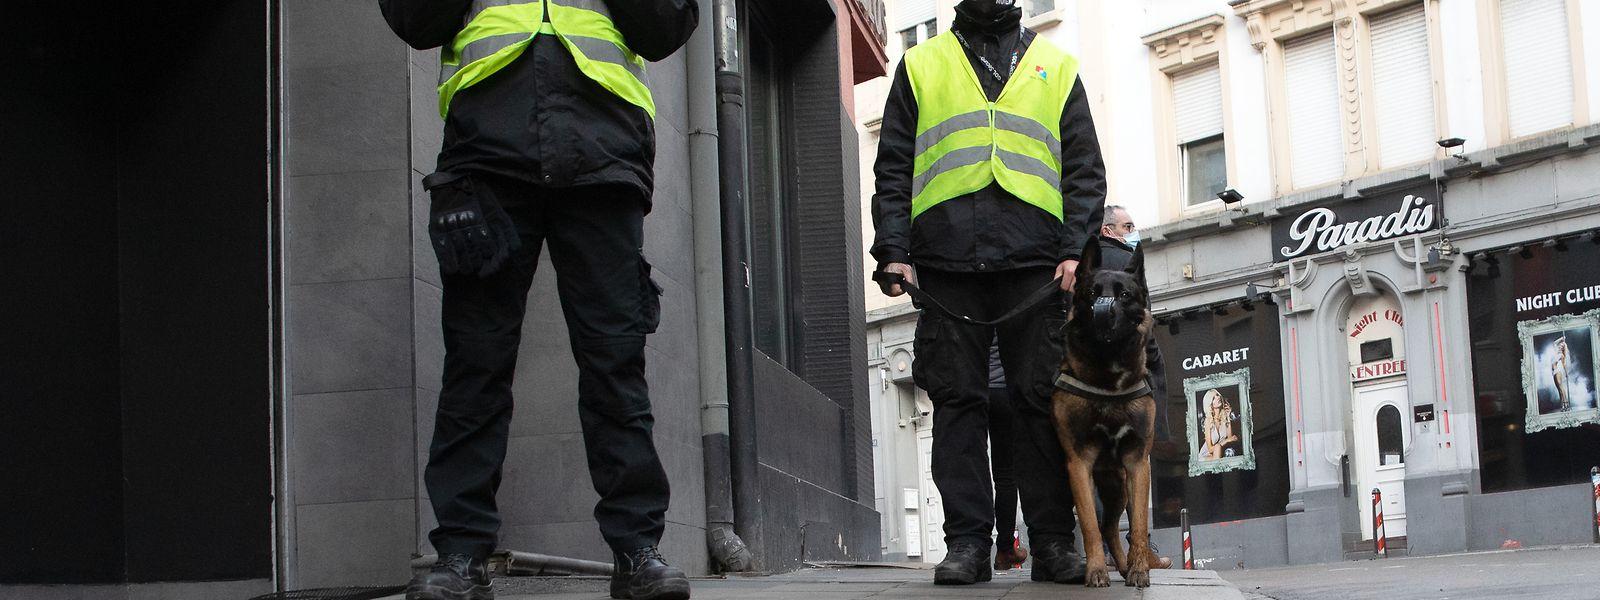 Seit dem 1. Dezember 2020 patrouillieren Wachleute einer privaten Sicherheitsfirma im Bahnhofsviertel.